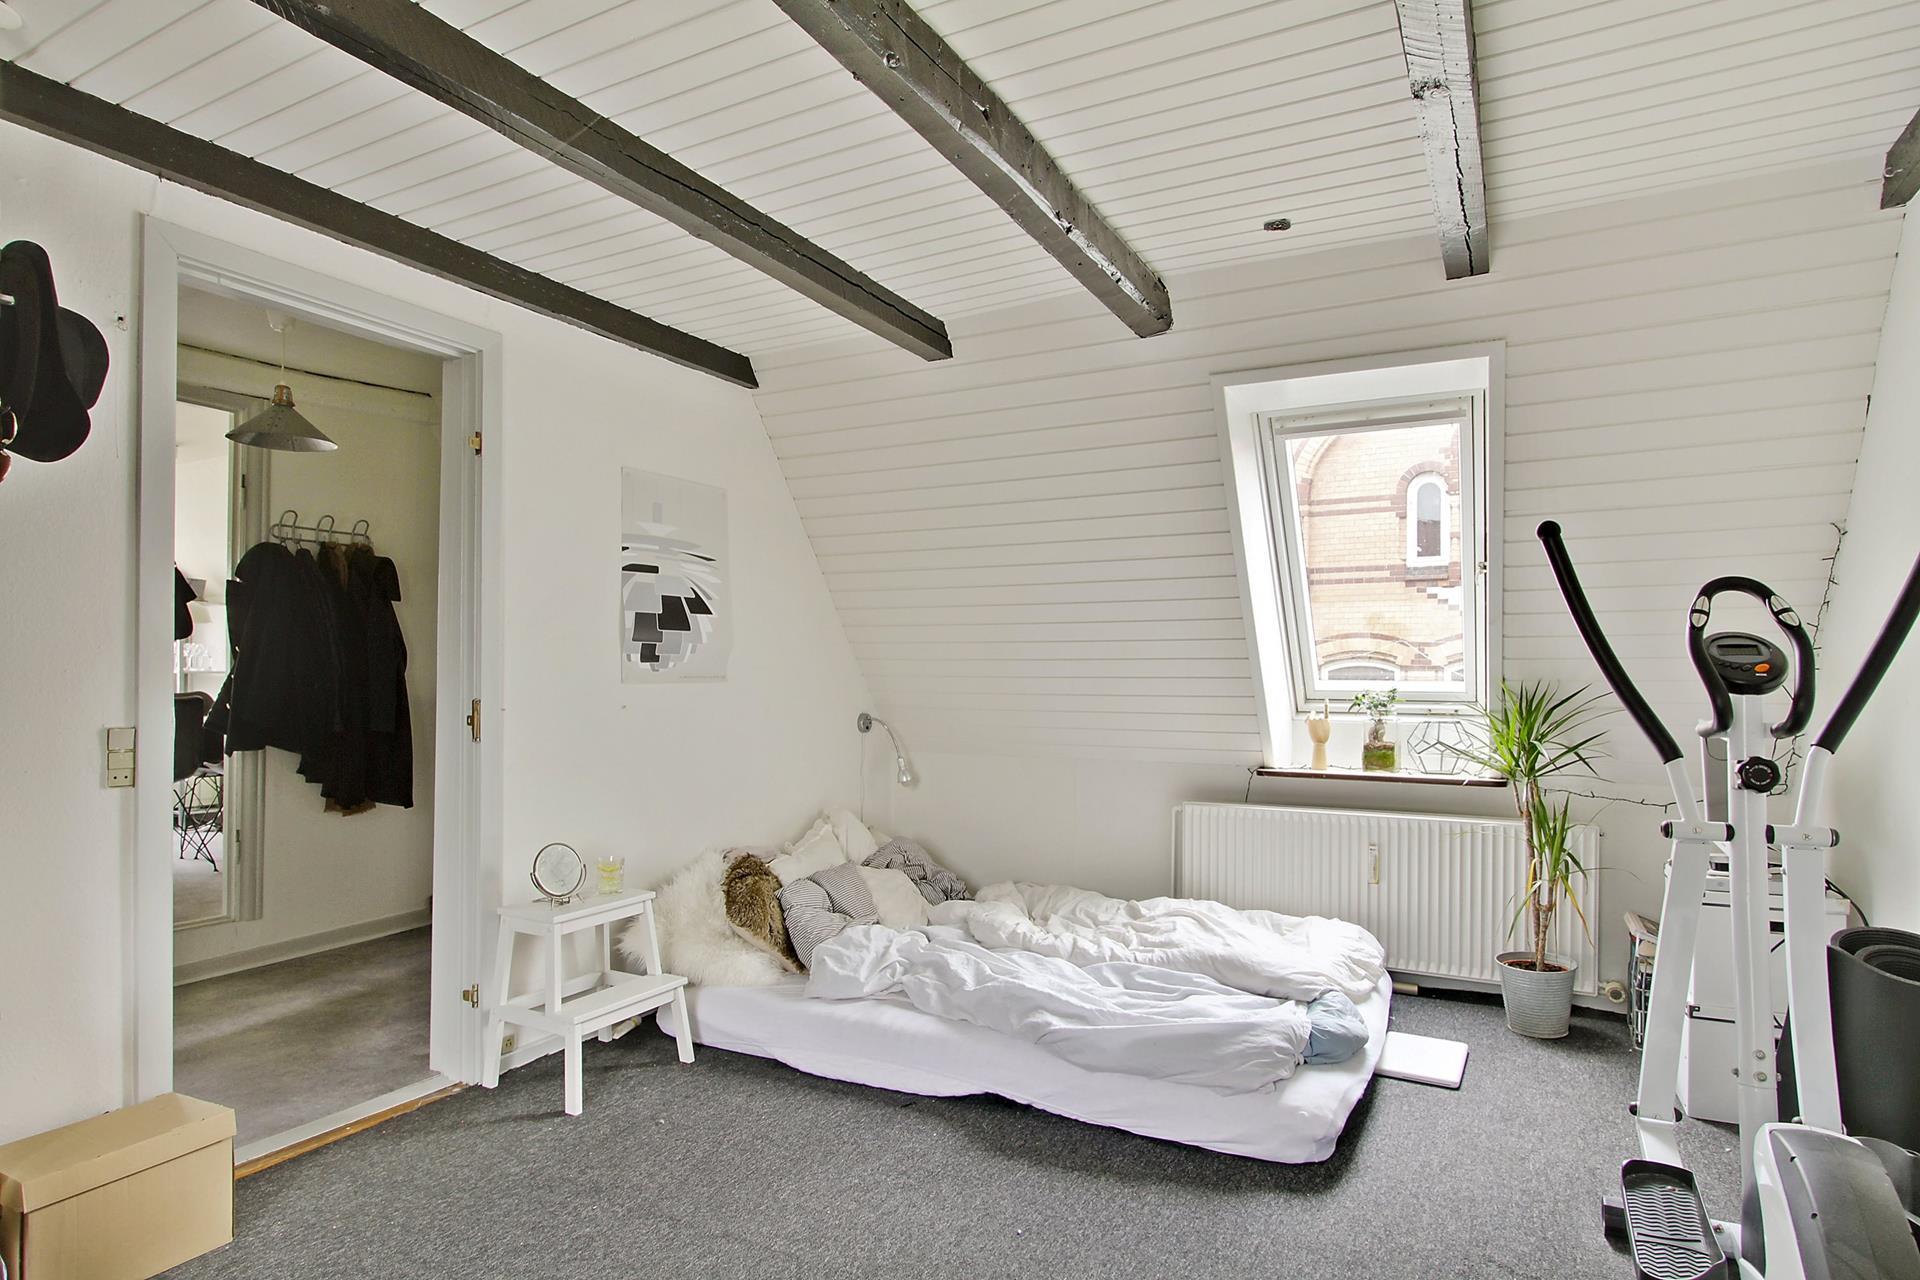 Bolig/erhverv på Bispegade i Haderslev - Soveværelse